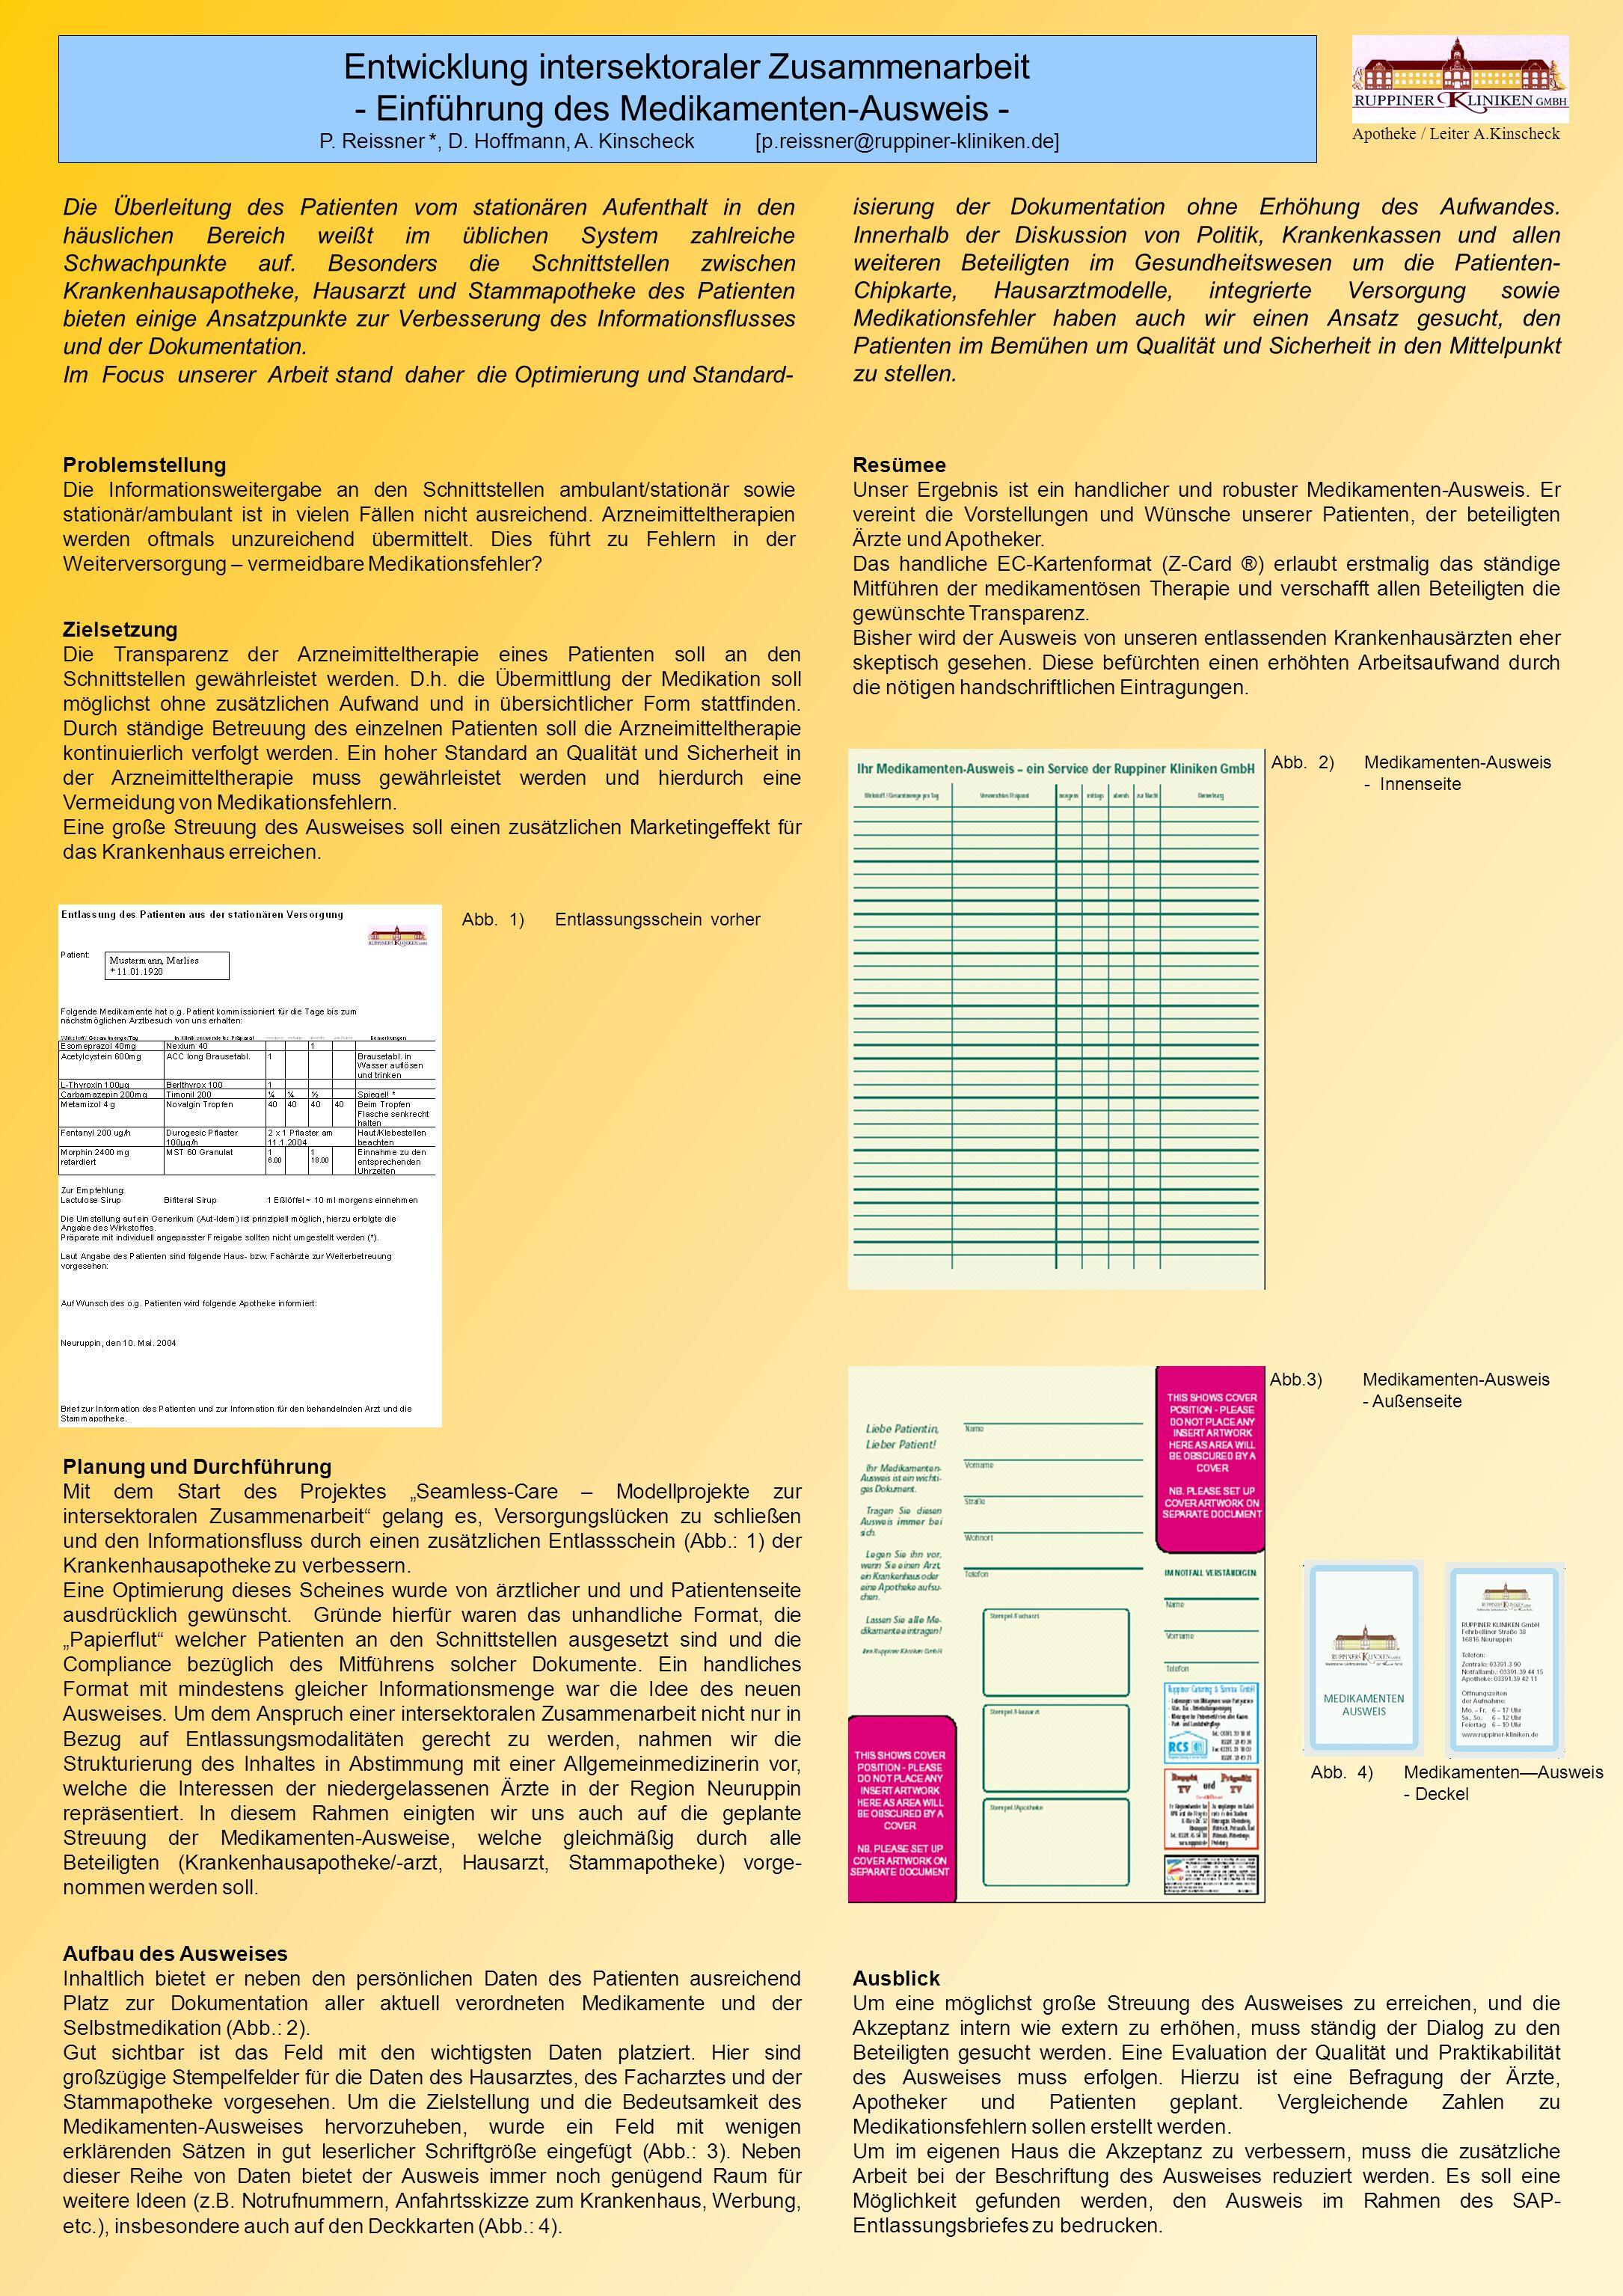 Entwicklung intersektoraler Zusammenarbeit - Einführung des Medikamenten-Ausweis - P.